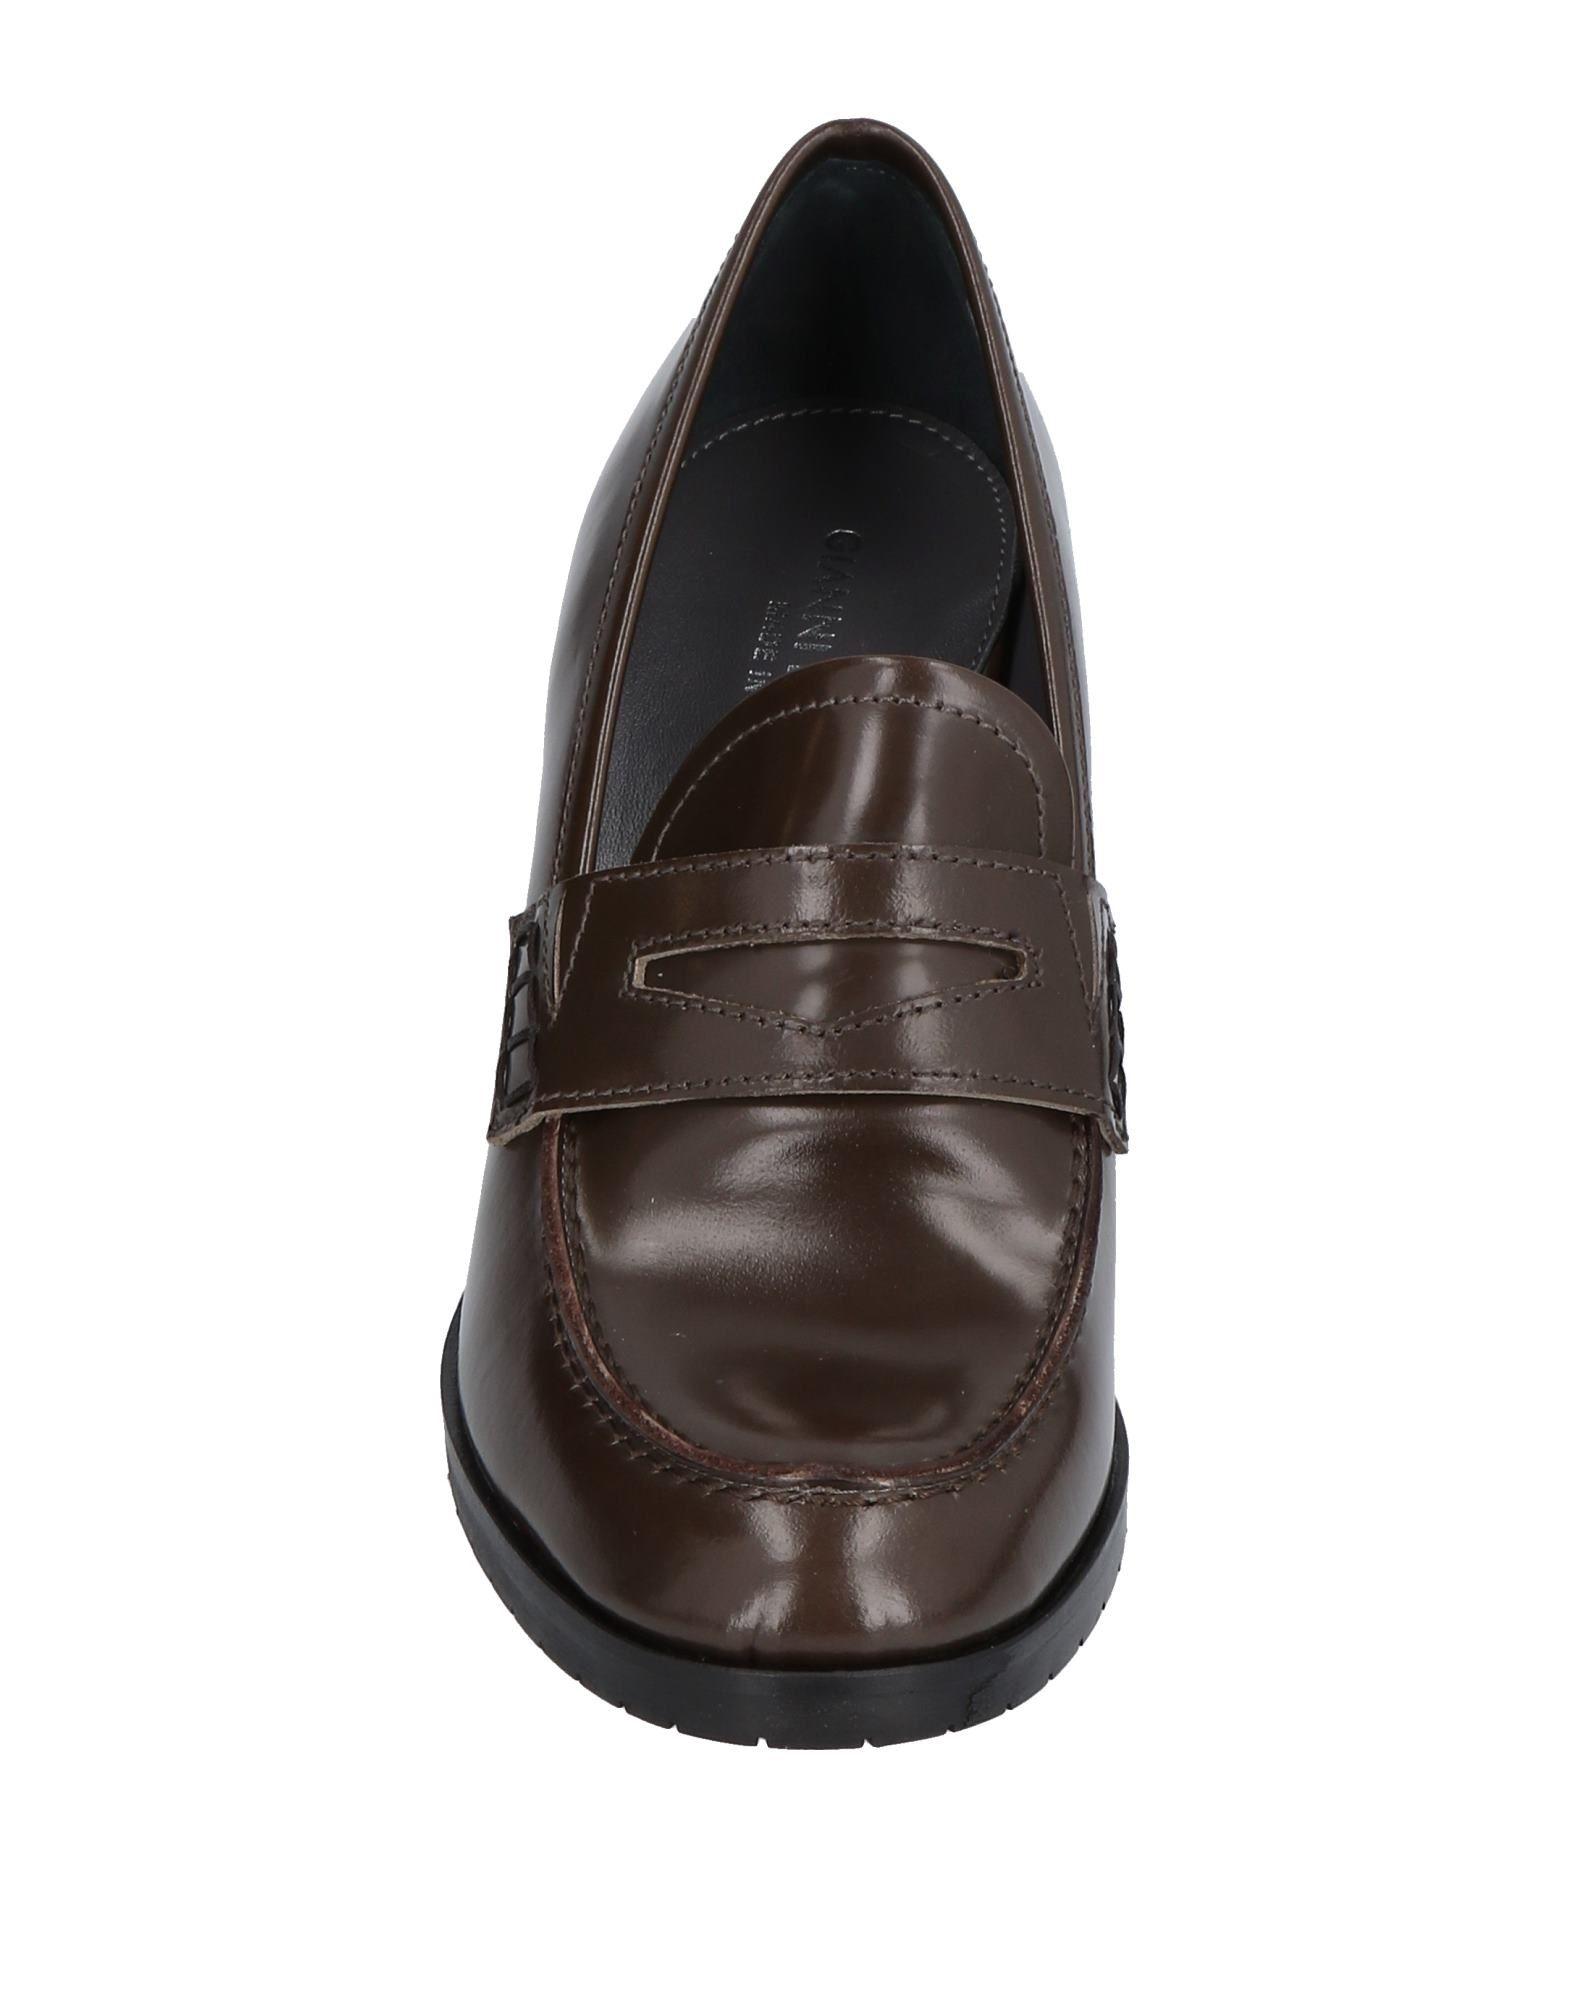 Gianni De Damen Simone Mokassins Damen De  11474203BM Gute Qualität beliebte Schuhe 302c57